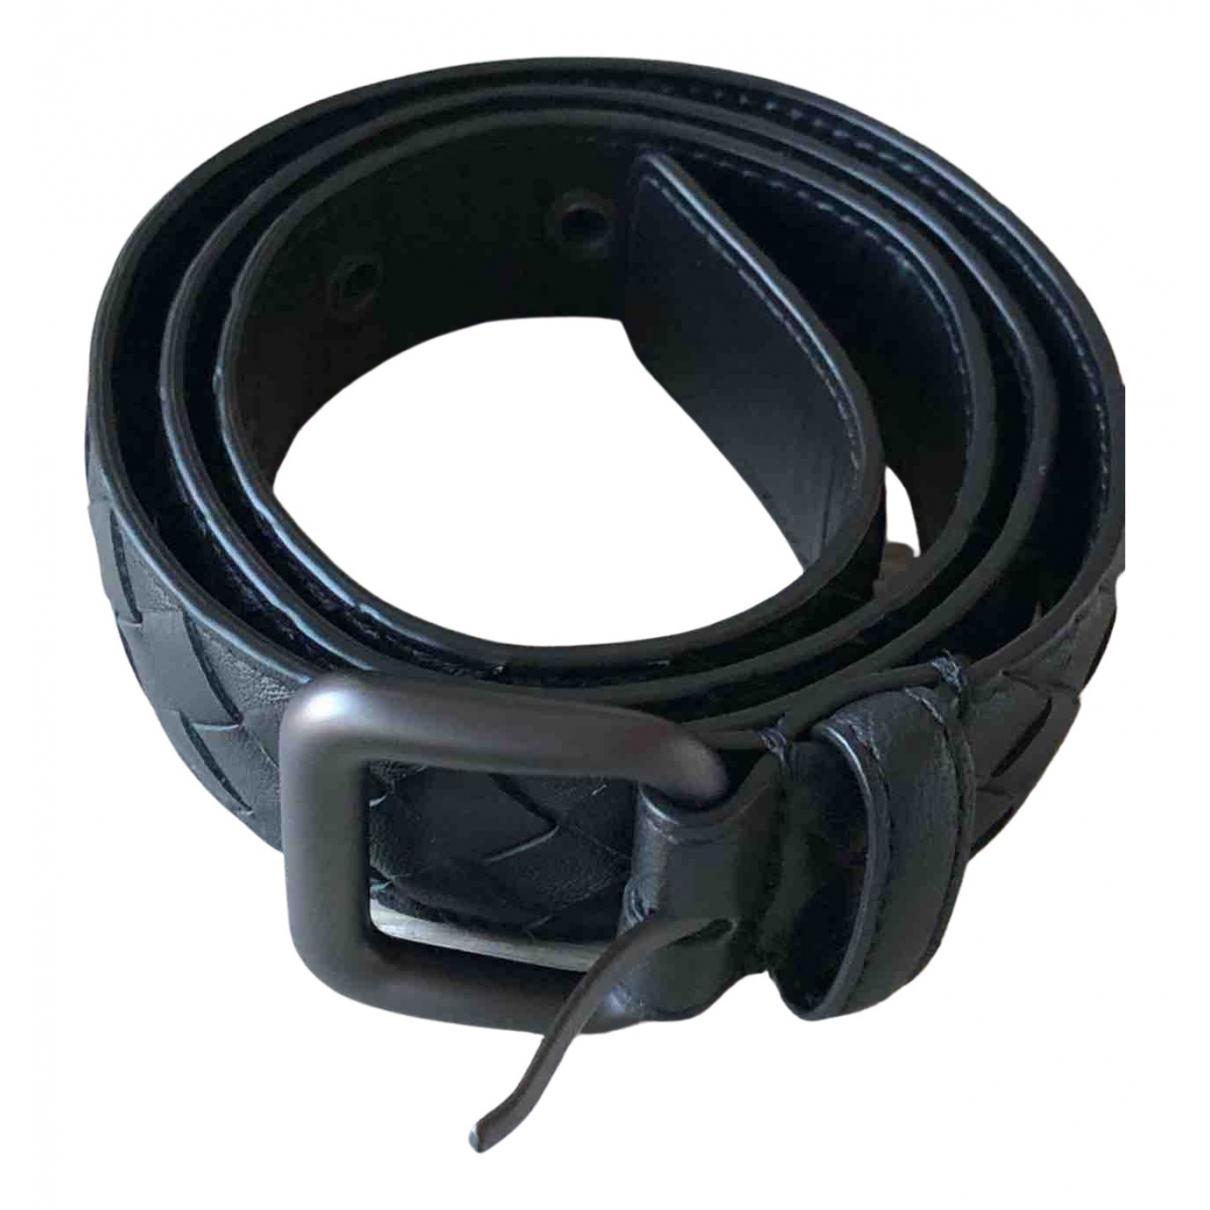 Bottega Veneta \N Black Leather belt for Women 80 cm